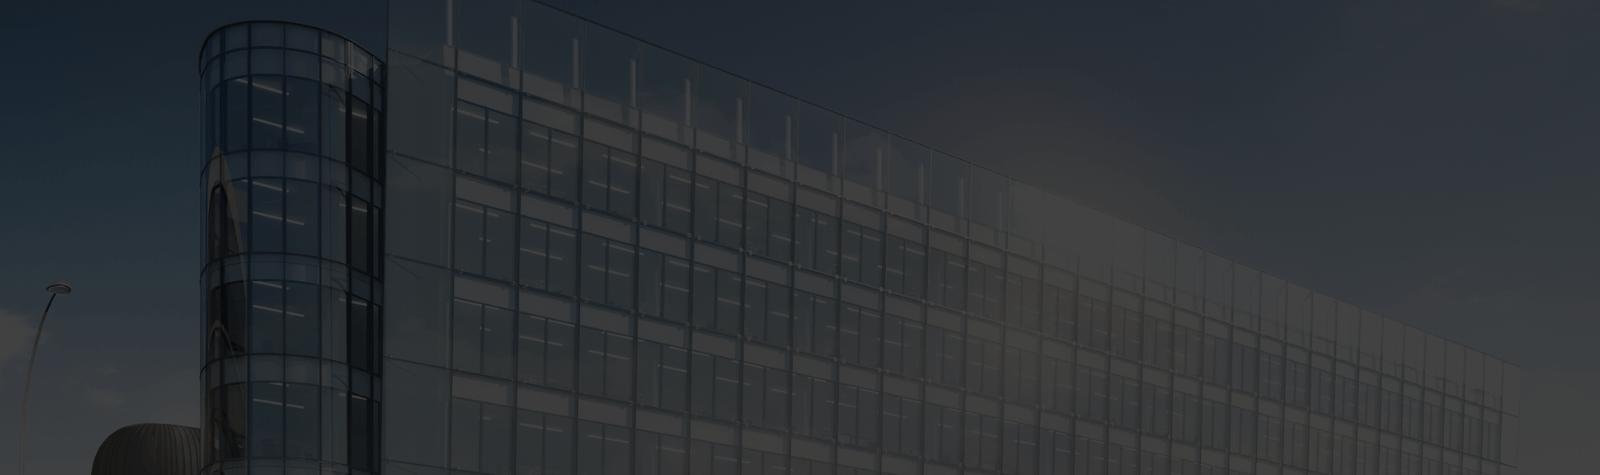 Hemisphere et Brookfield vont accueillir le siège social de BIC dans leur futur immeuble « e-conic » de la Porte de Clichy